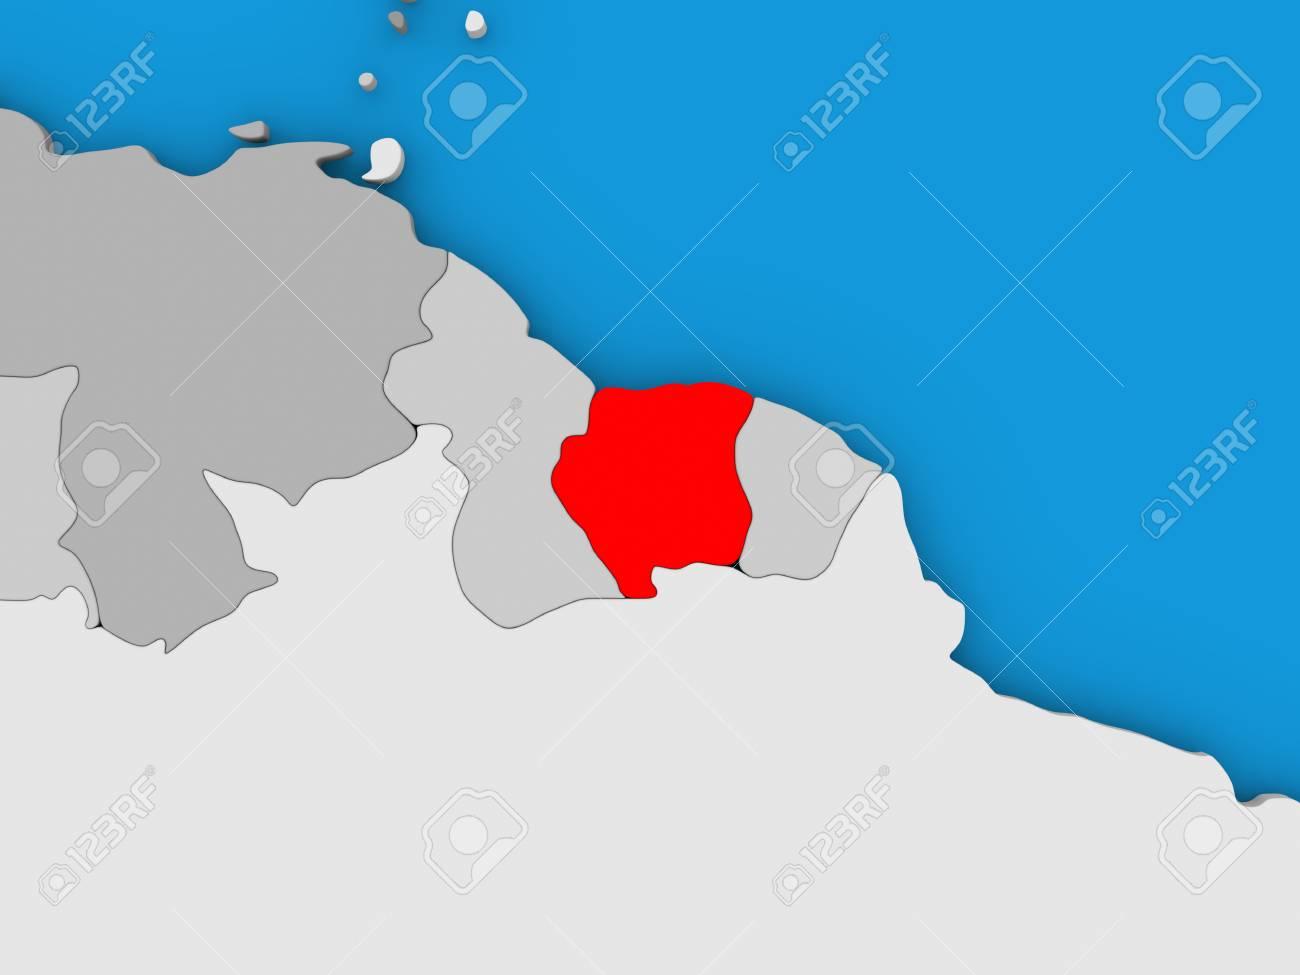 Mapa De Surinam En El Mundo Resaltado En Rojo Ilustracion 3d